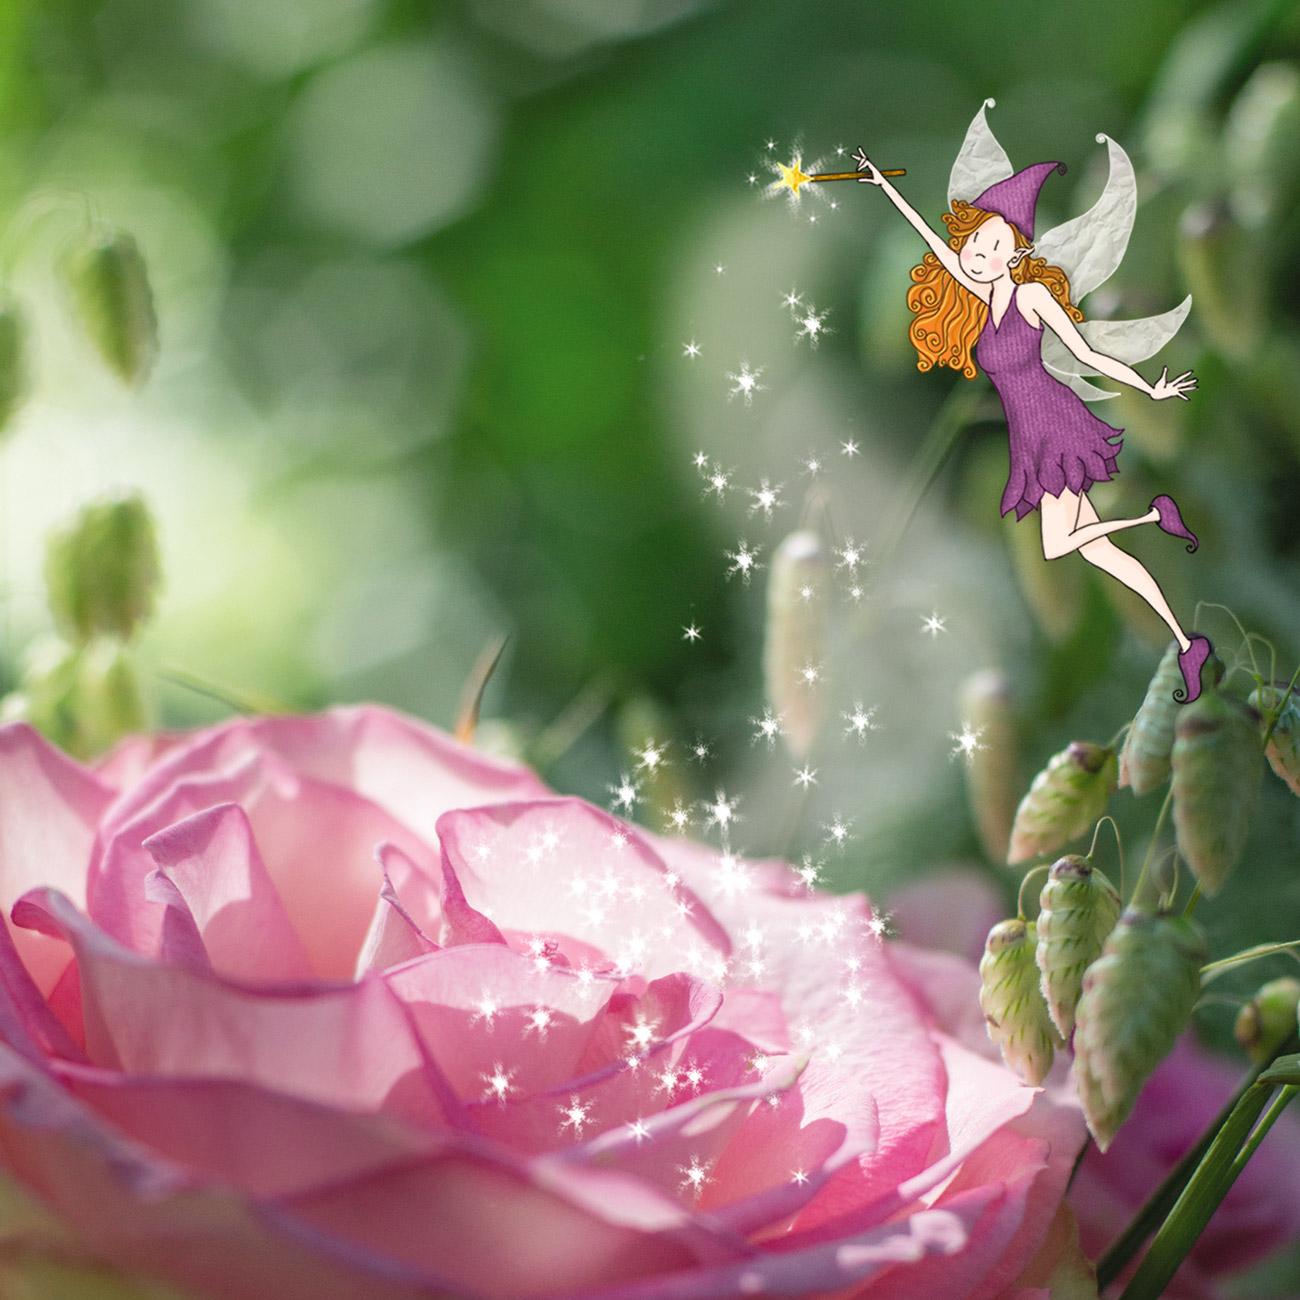 fée sur rose - Lumi Poullaouec - Création - Photographie et illustration féérique